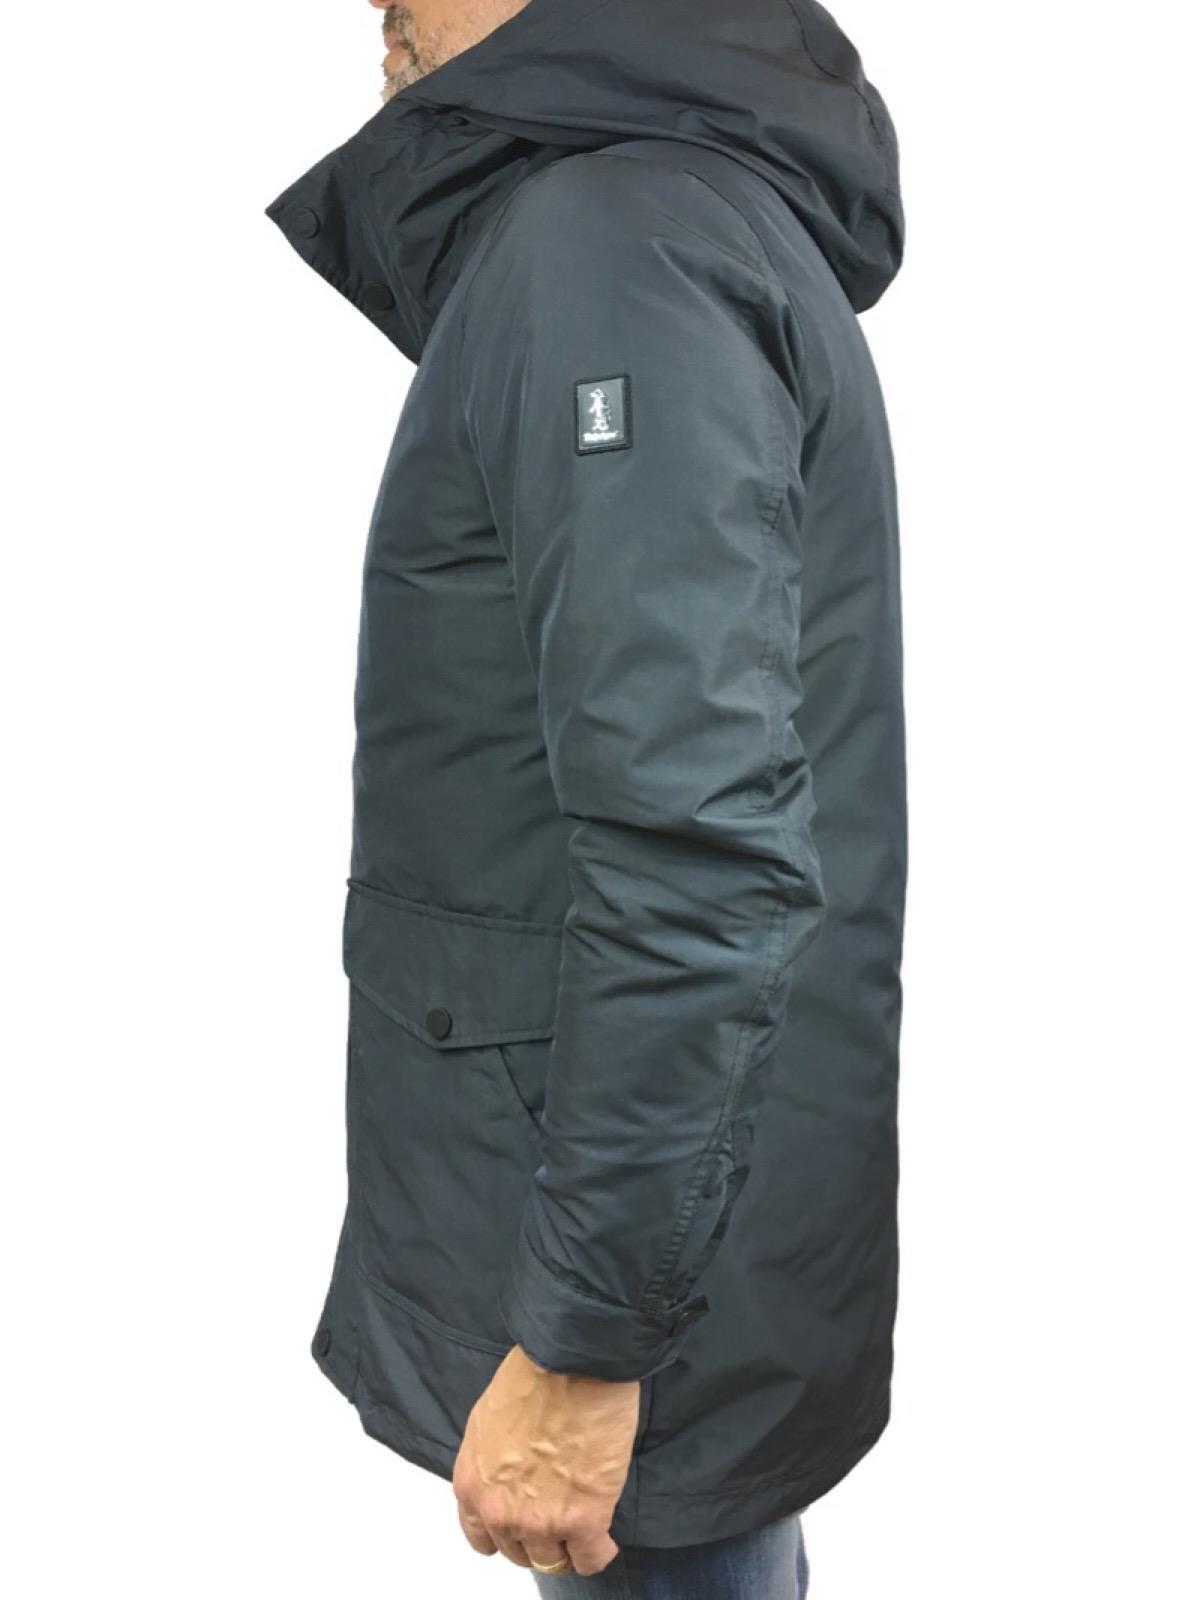 Giubbotti refrigue prezzi – Vestiti alla moda per la gioventù 197d8055fb7